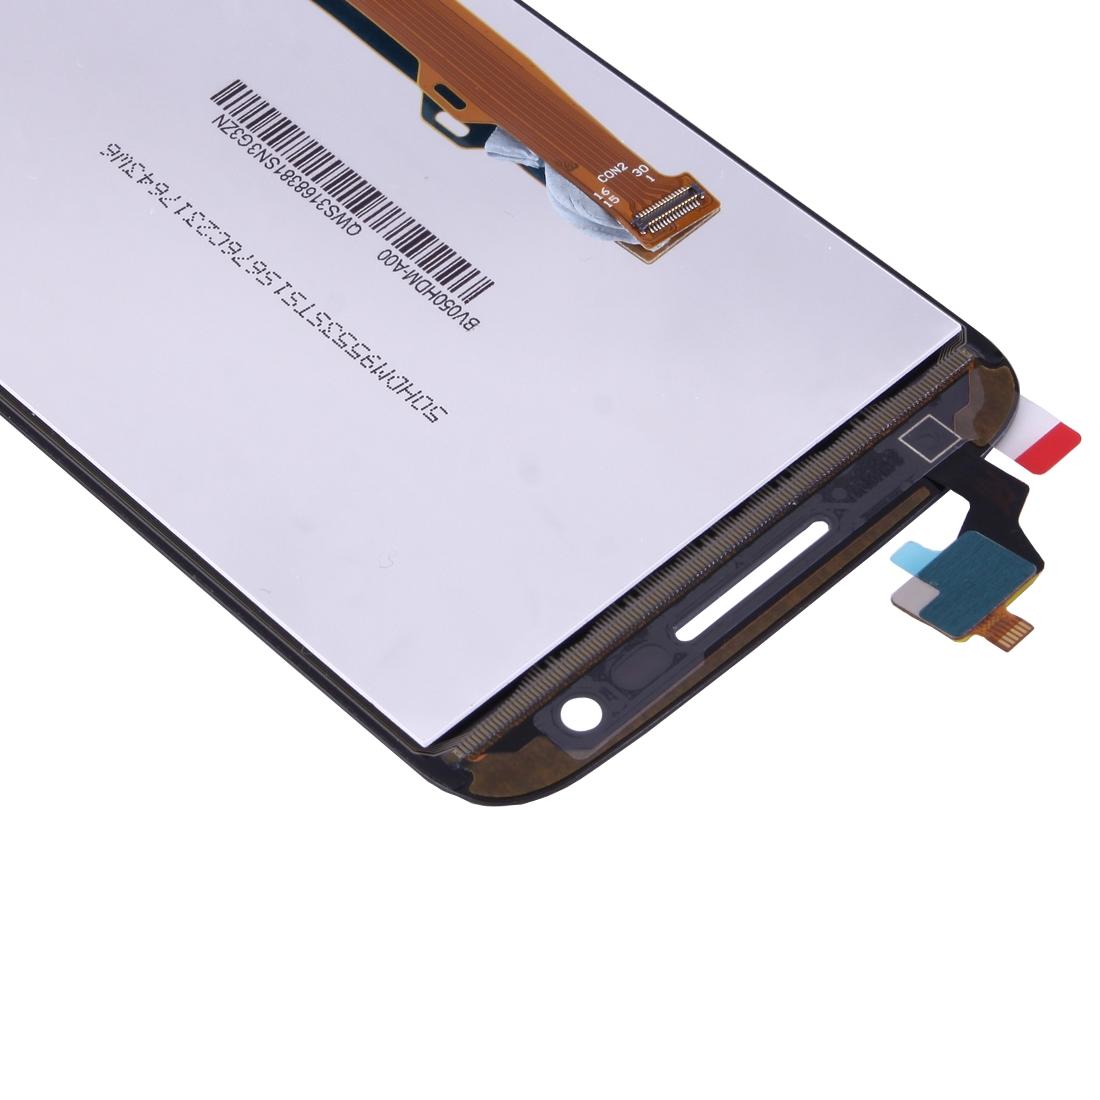 صفحه-نمایش-گوشی-موبایل-lcd-touch-screen-Motorola-Moto-E3-Power(8).jpg